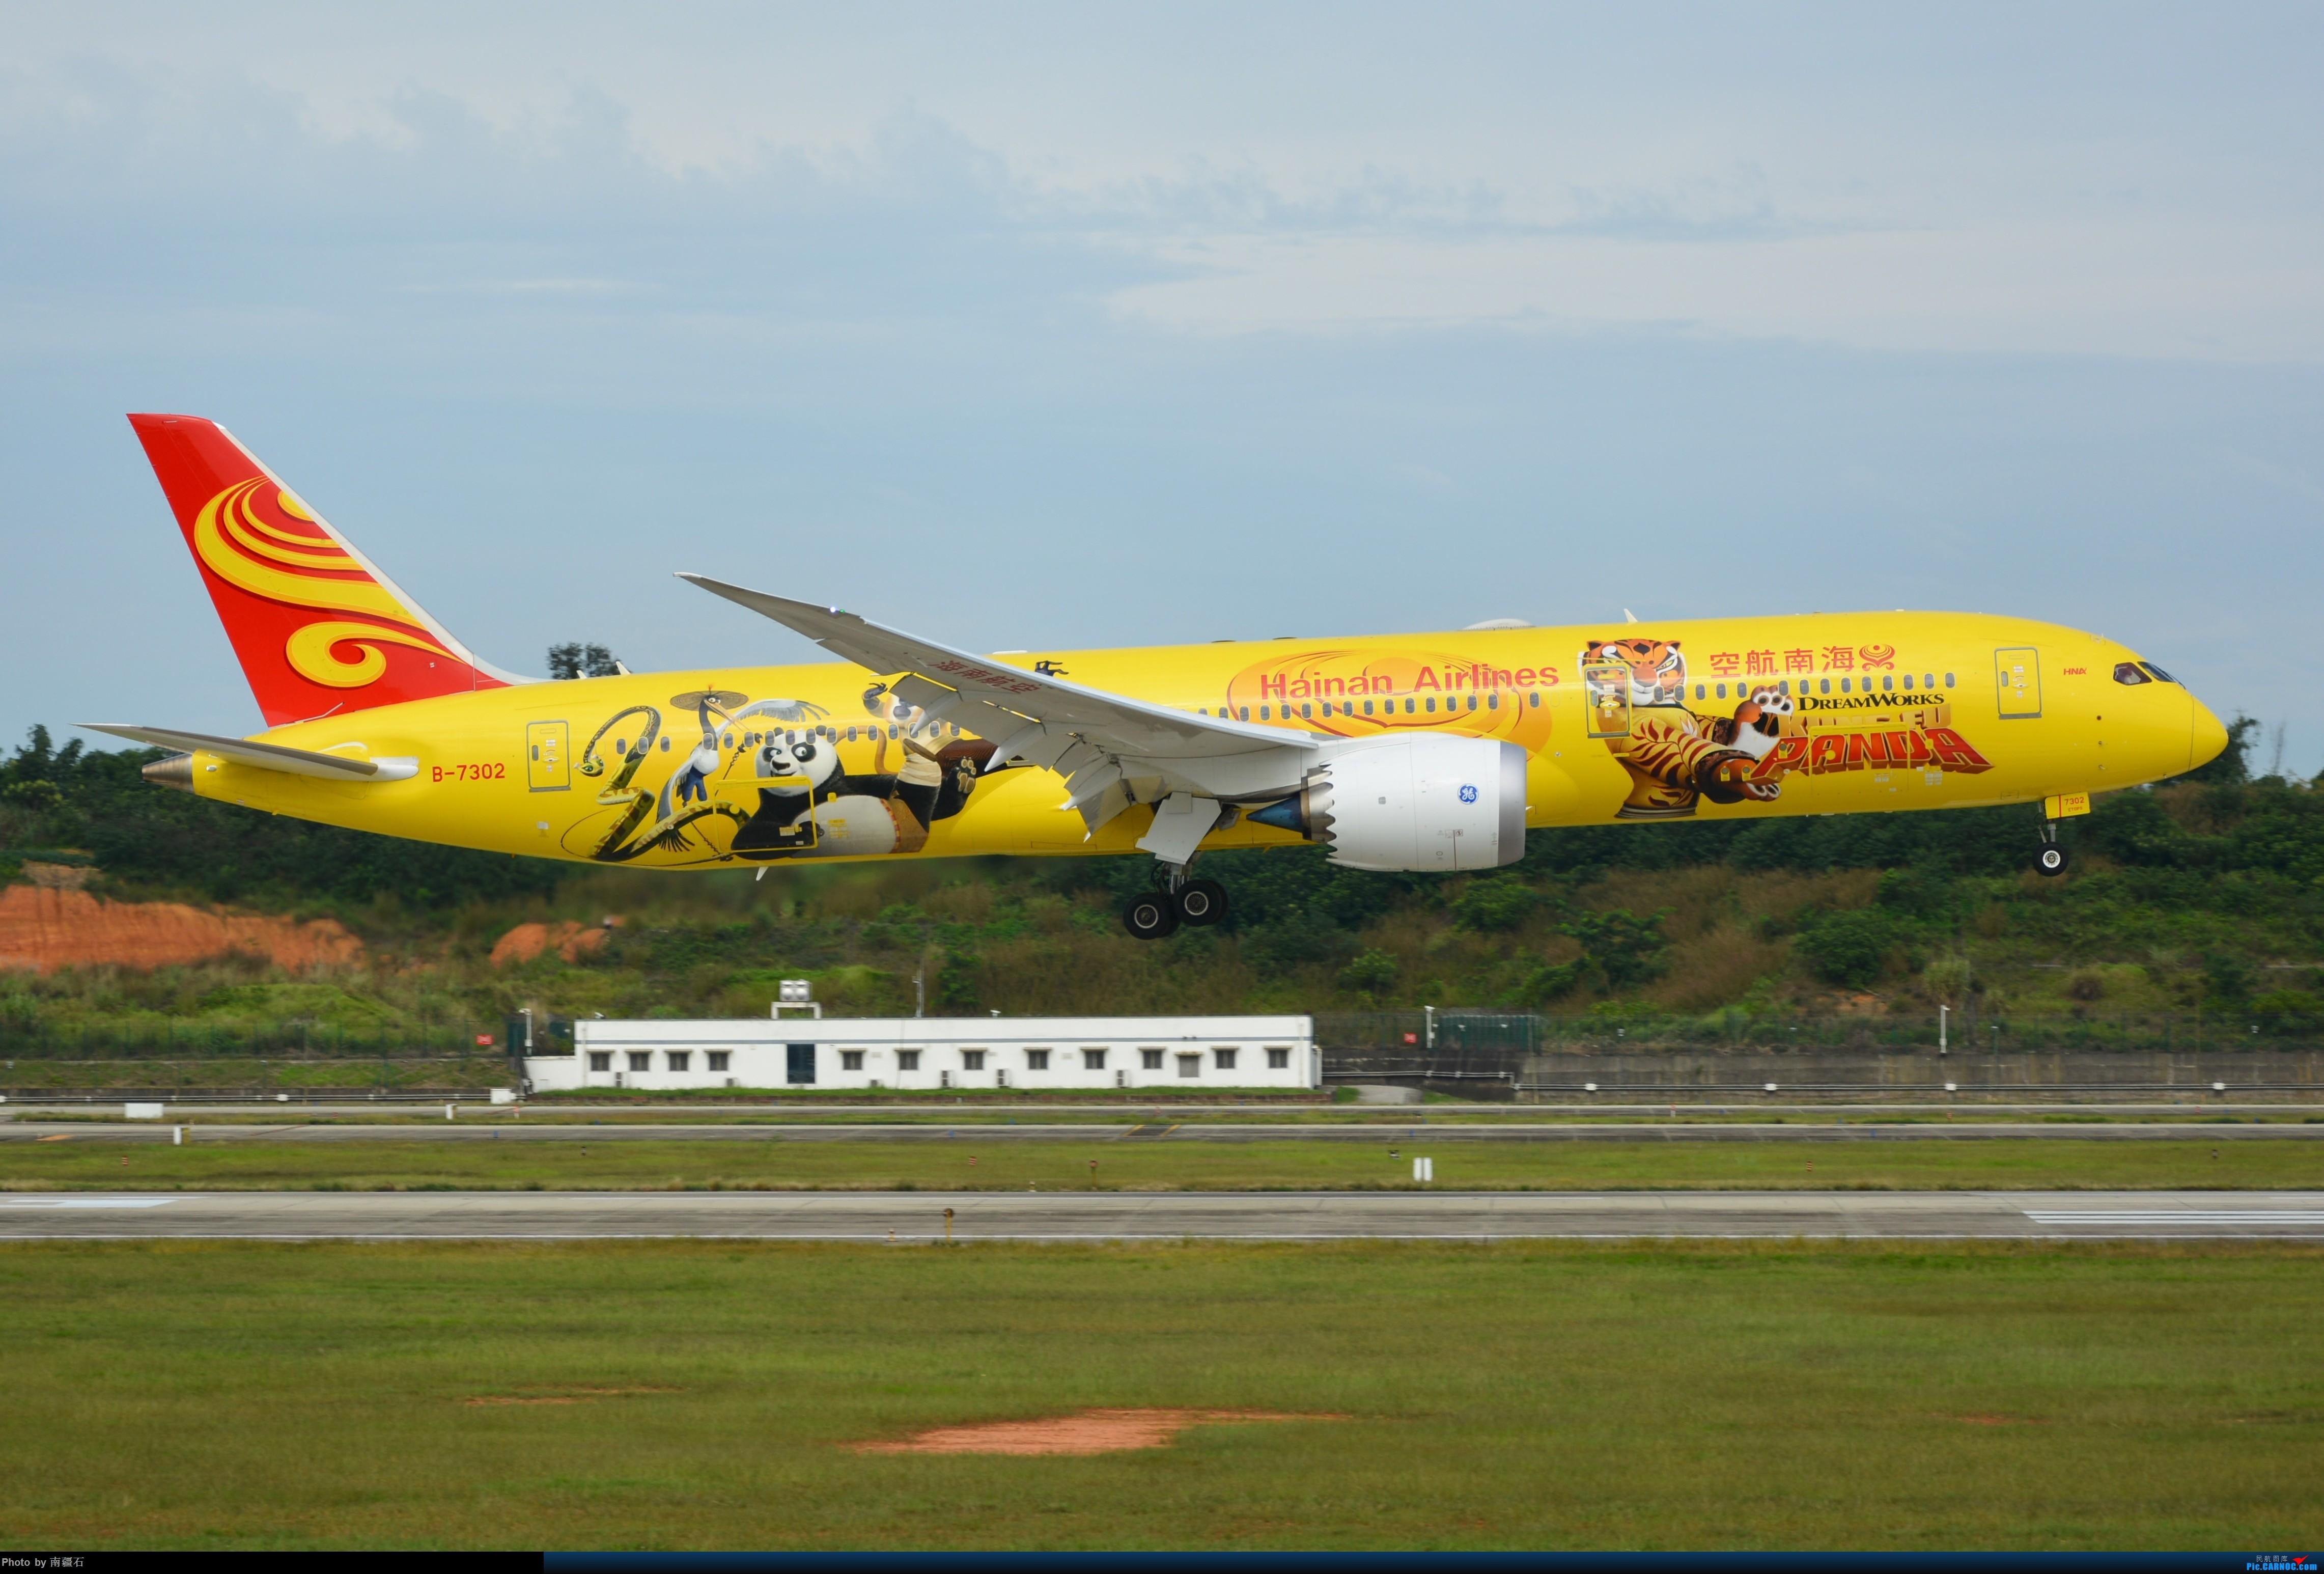 Re:[原创]9.10CTU之黄熊猫 BOEING 787-9 B-7302 中国成都双流国际机场